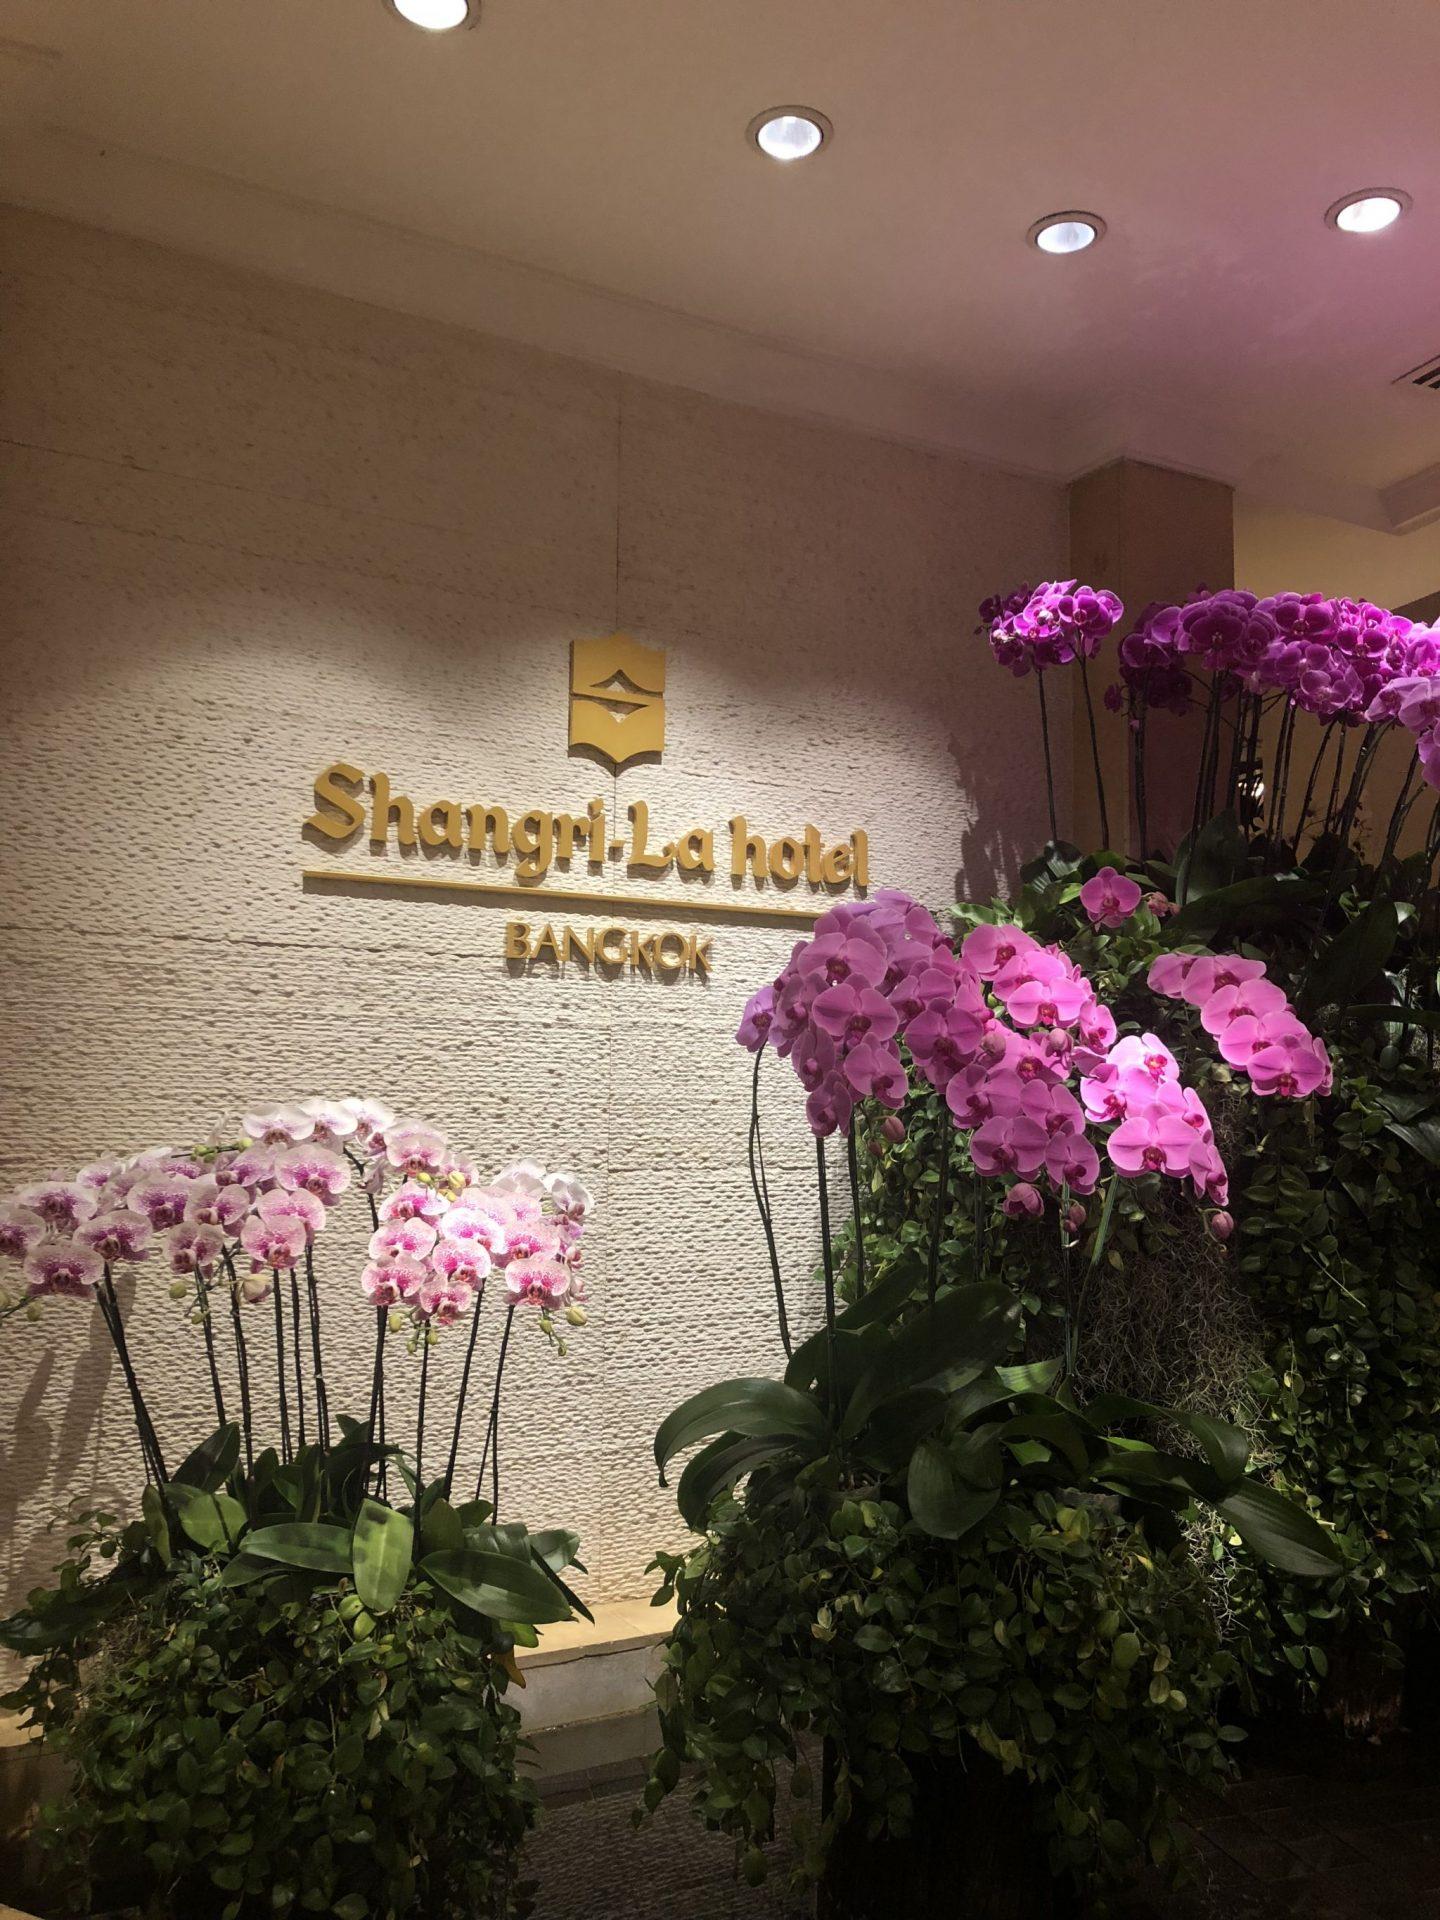 Hotel review: Shangri-La Hotel Bangkok